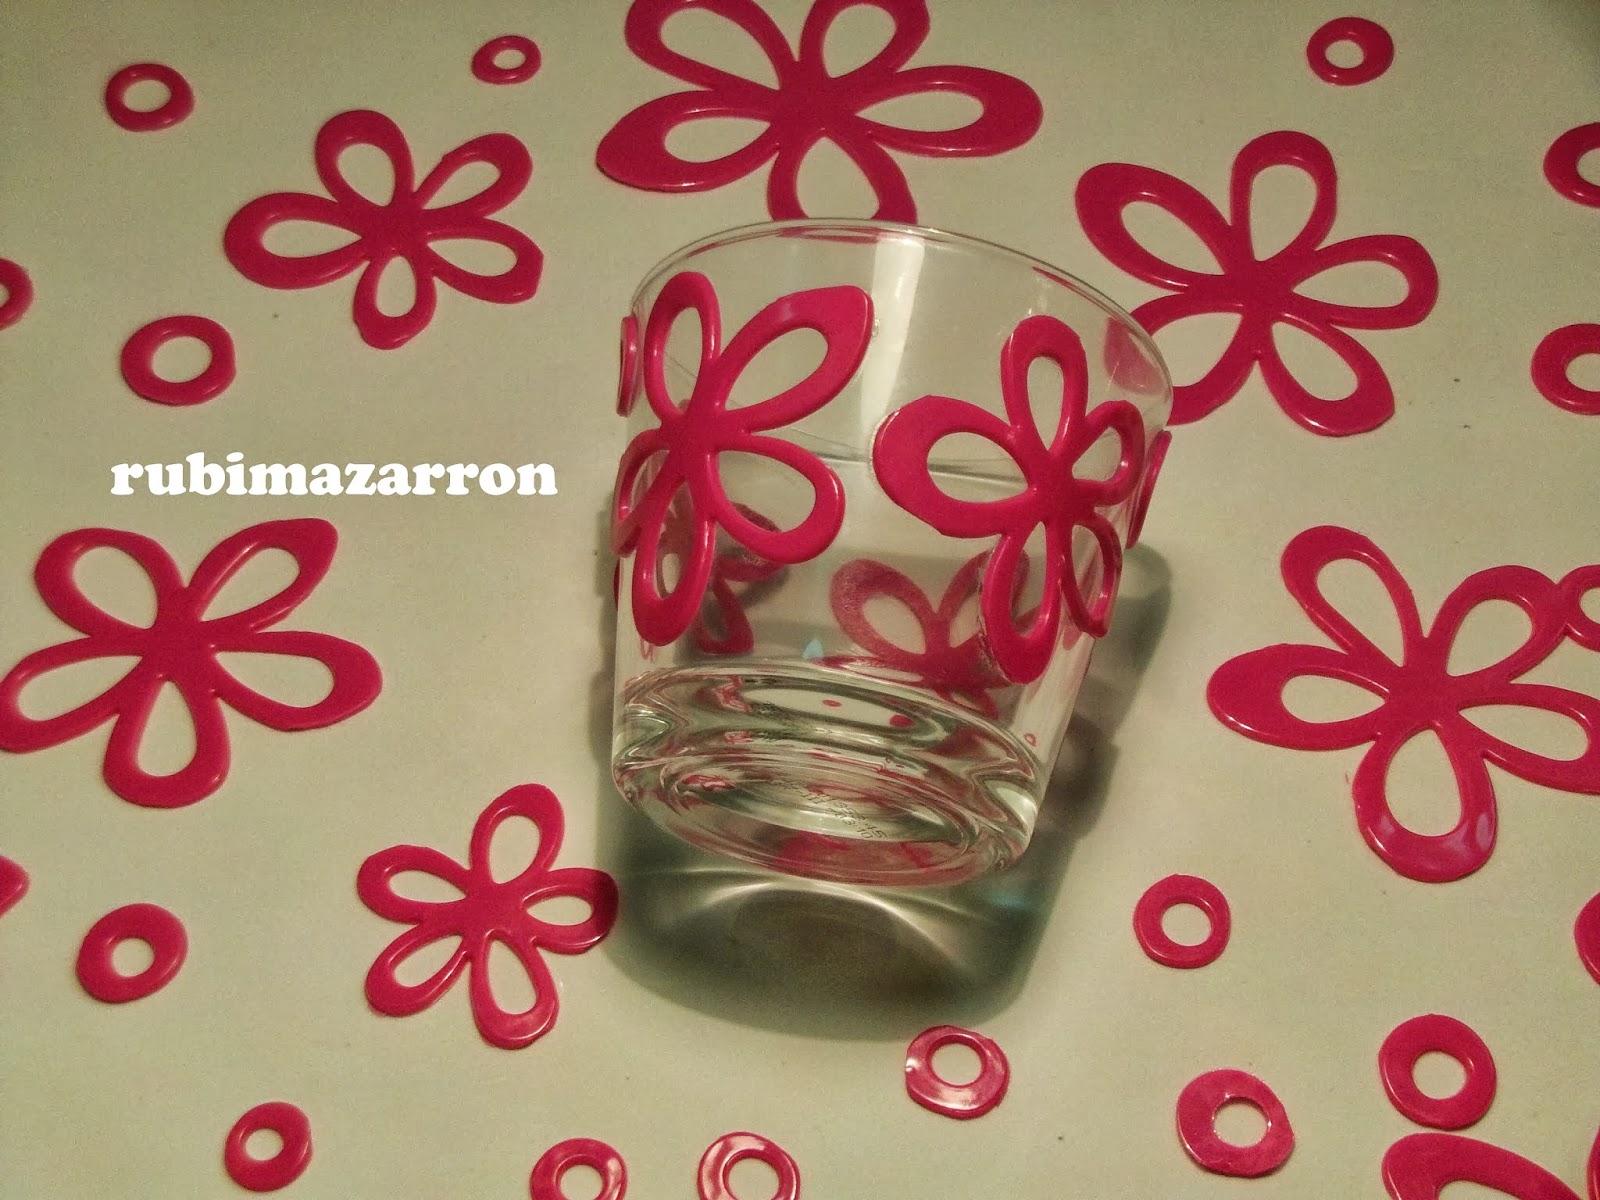 Rubi fotos de mis manualidades manualidades decorar - Decorar vasos plasticos para cumpleanos ...